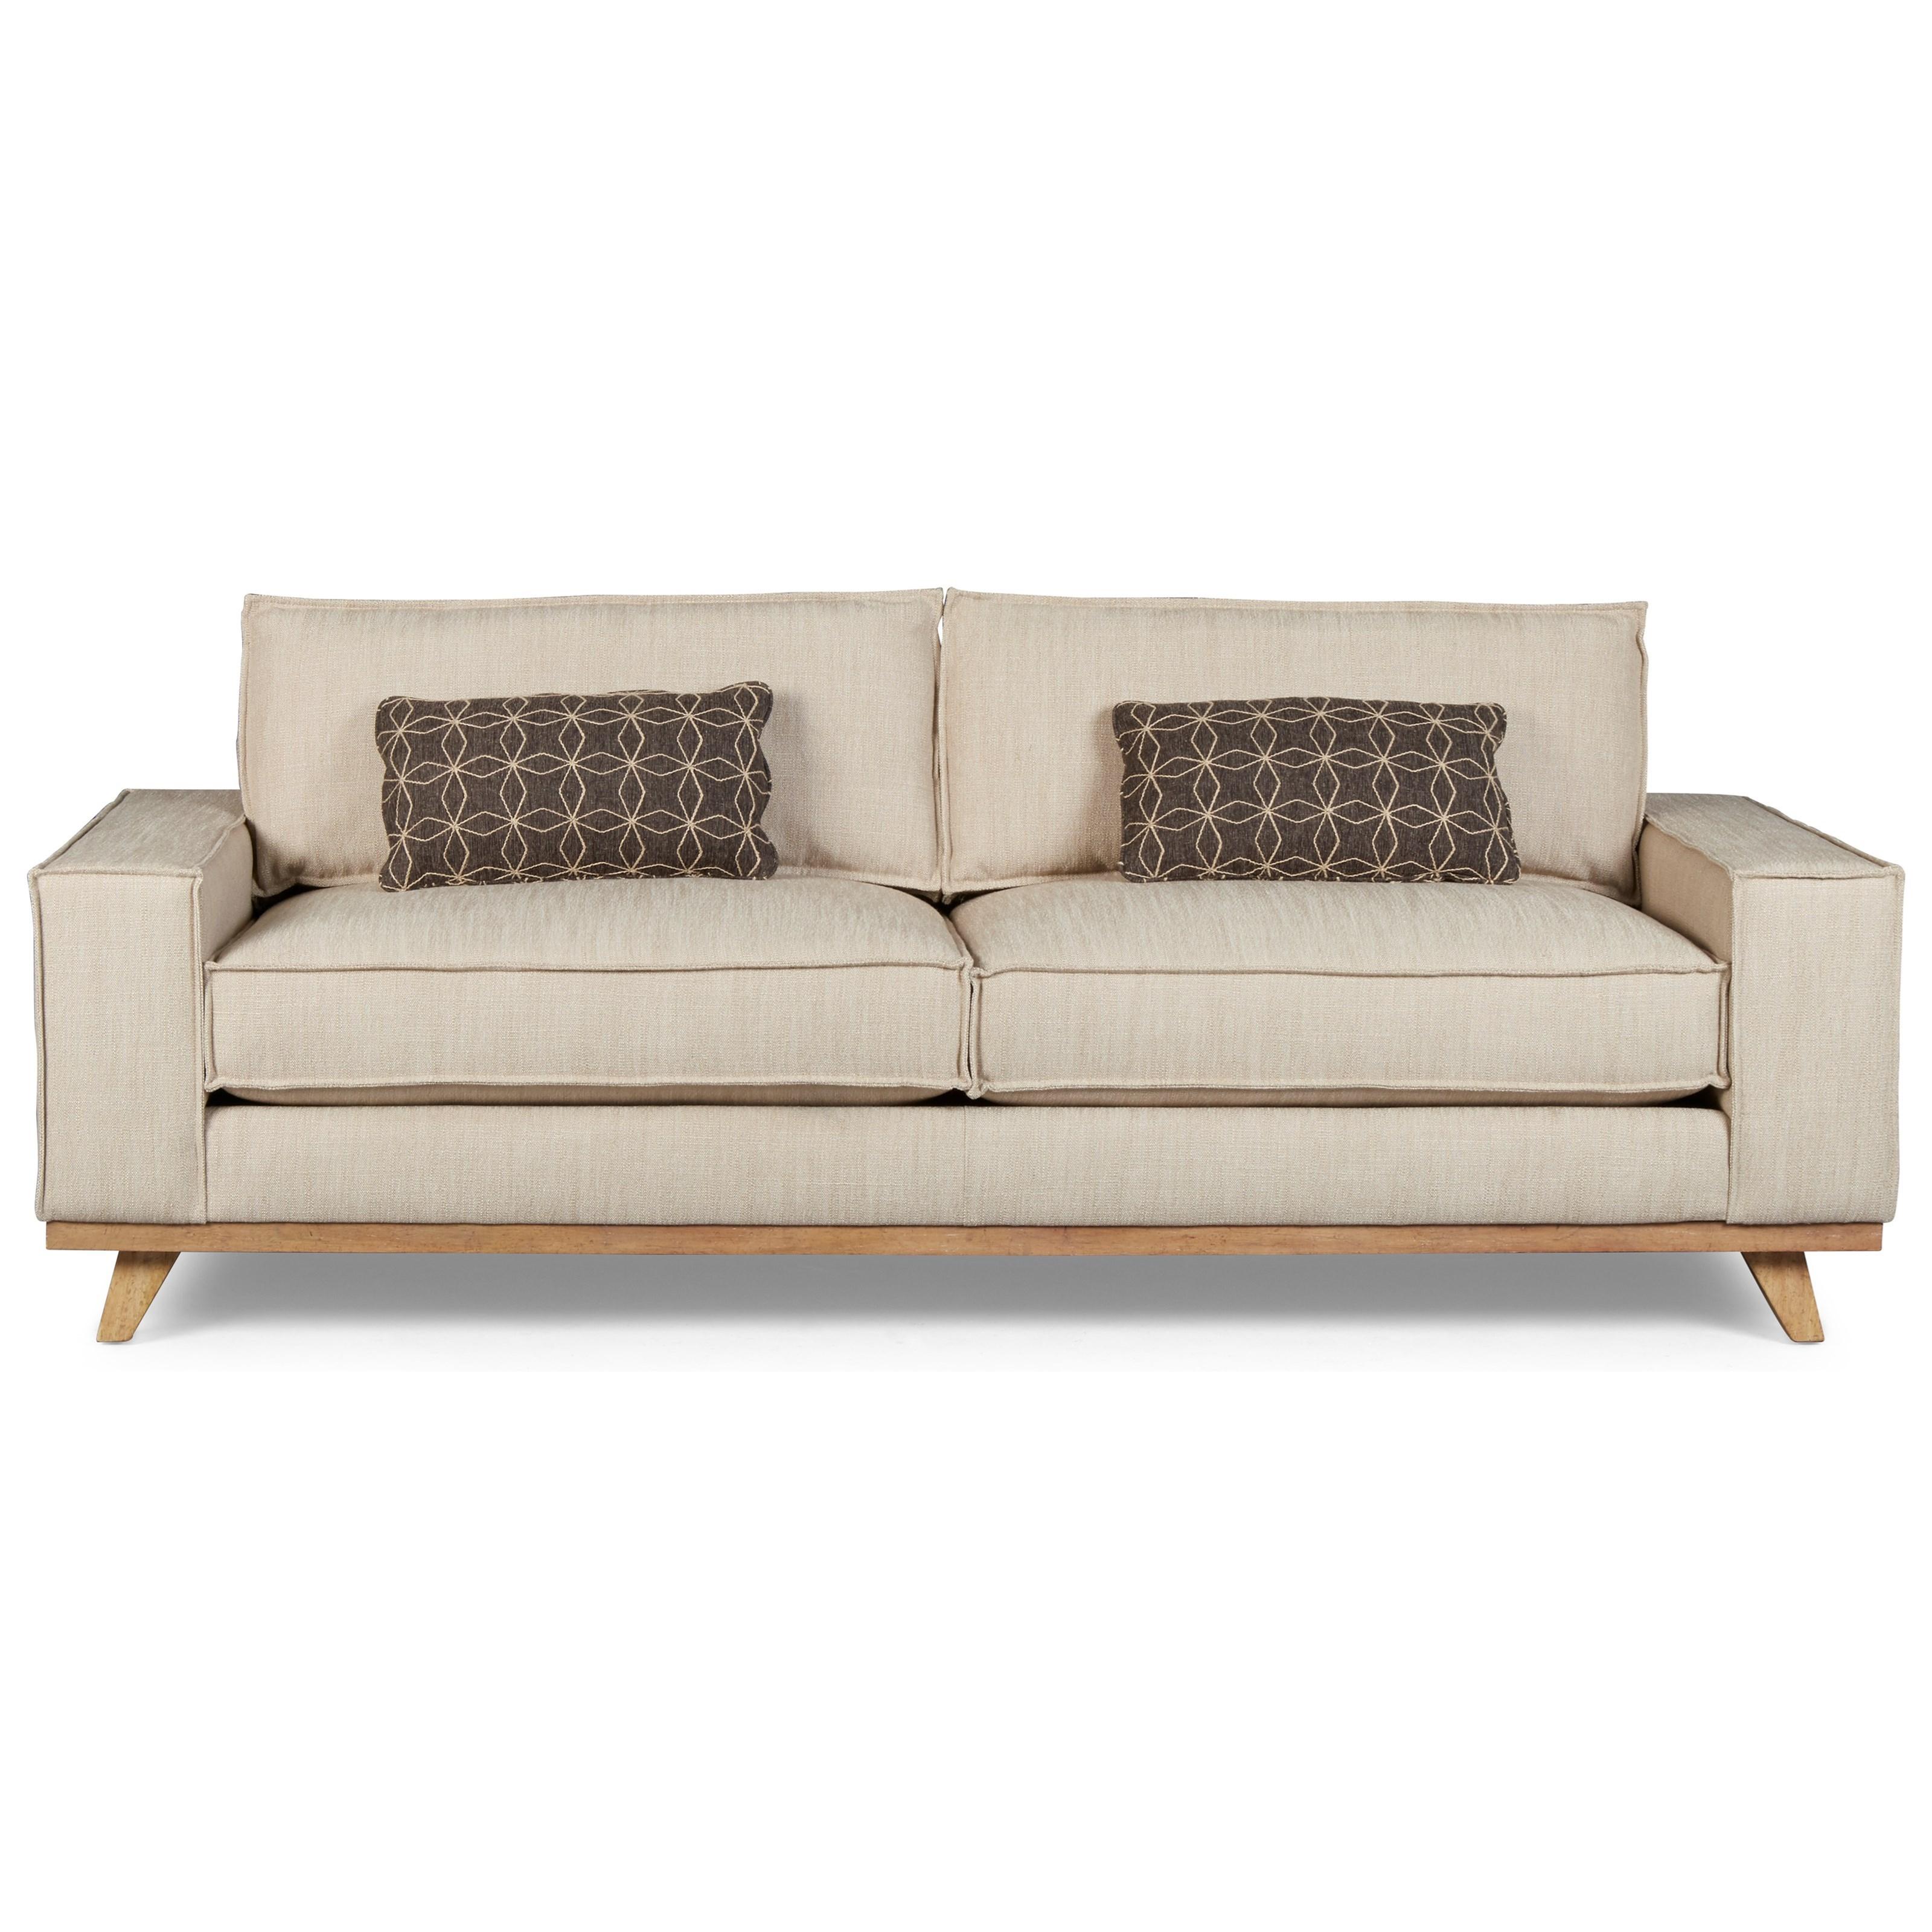 A.R.T. Furniture Inc Epicenters AustinVan Zandt Sofa ...